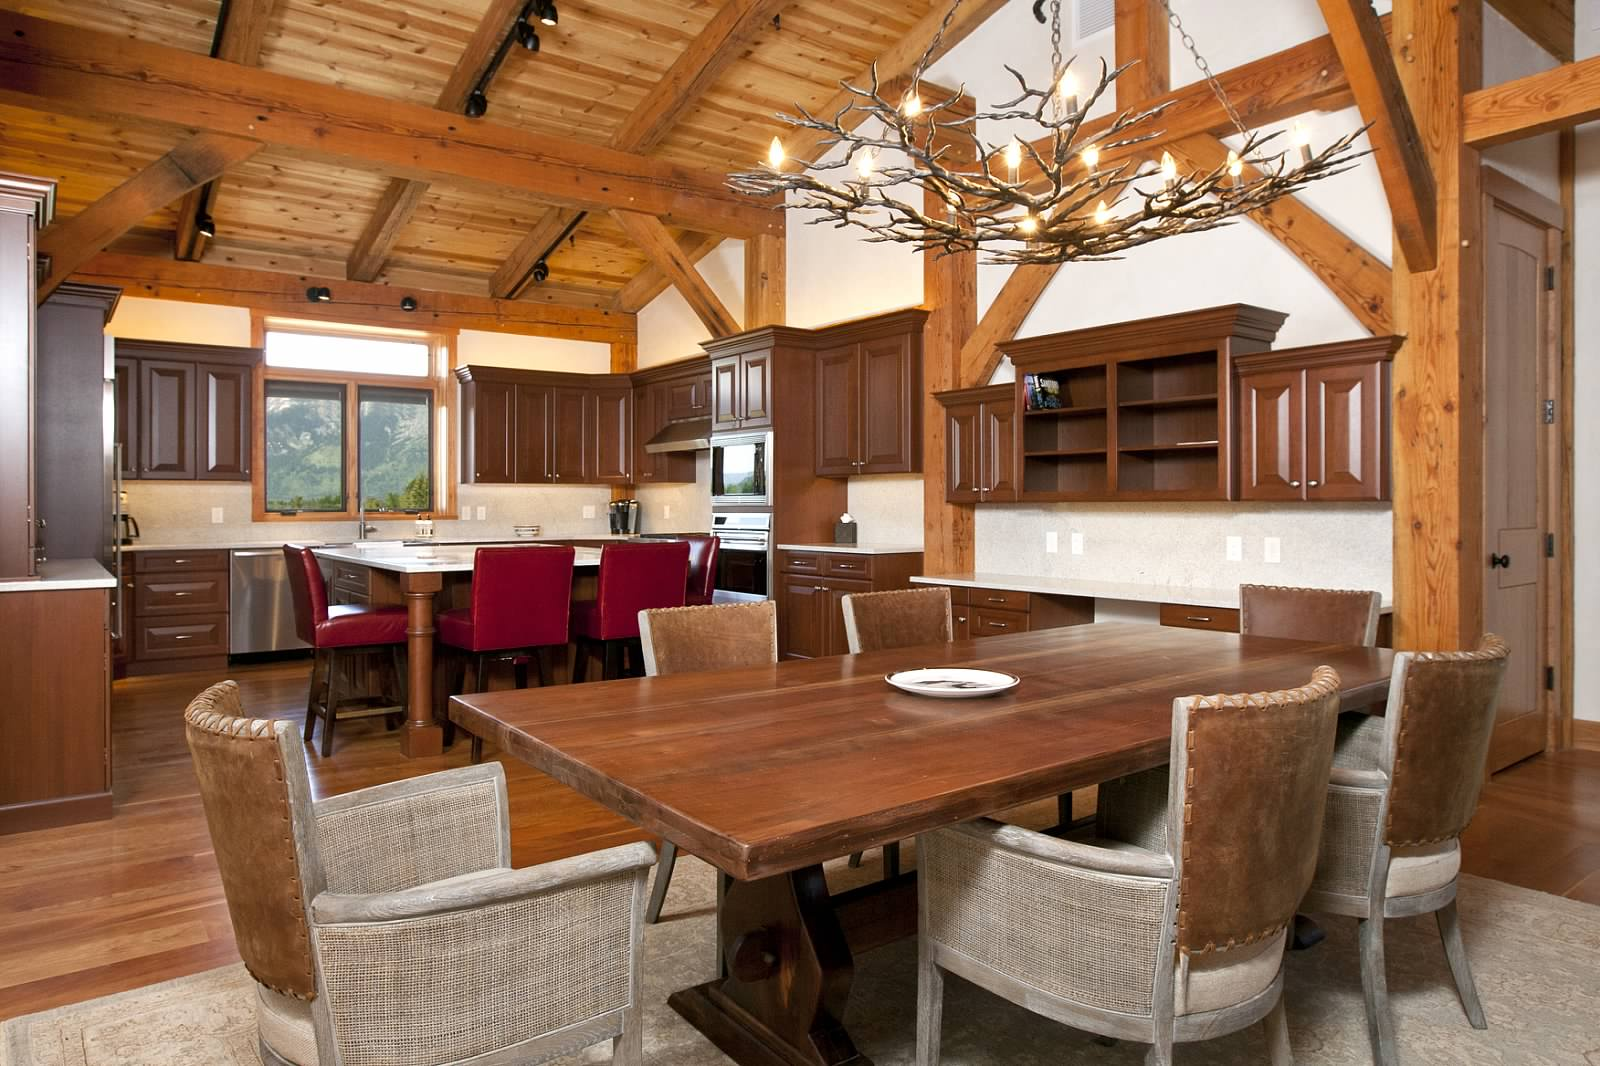 14 - Dining Room.jpg